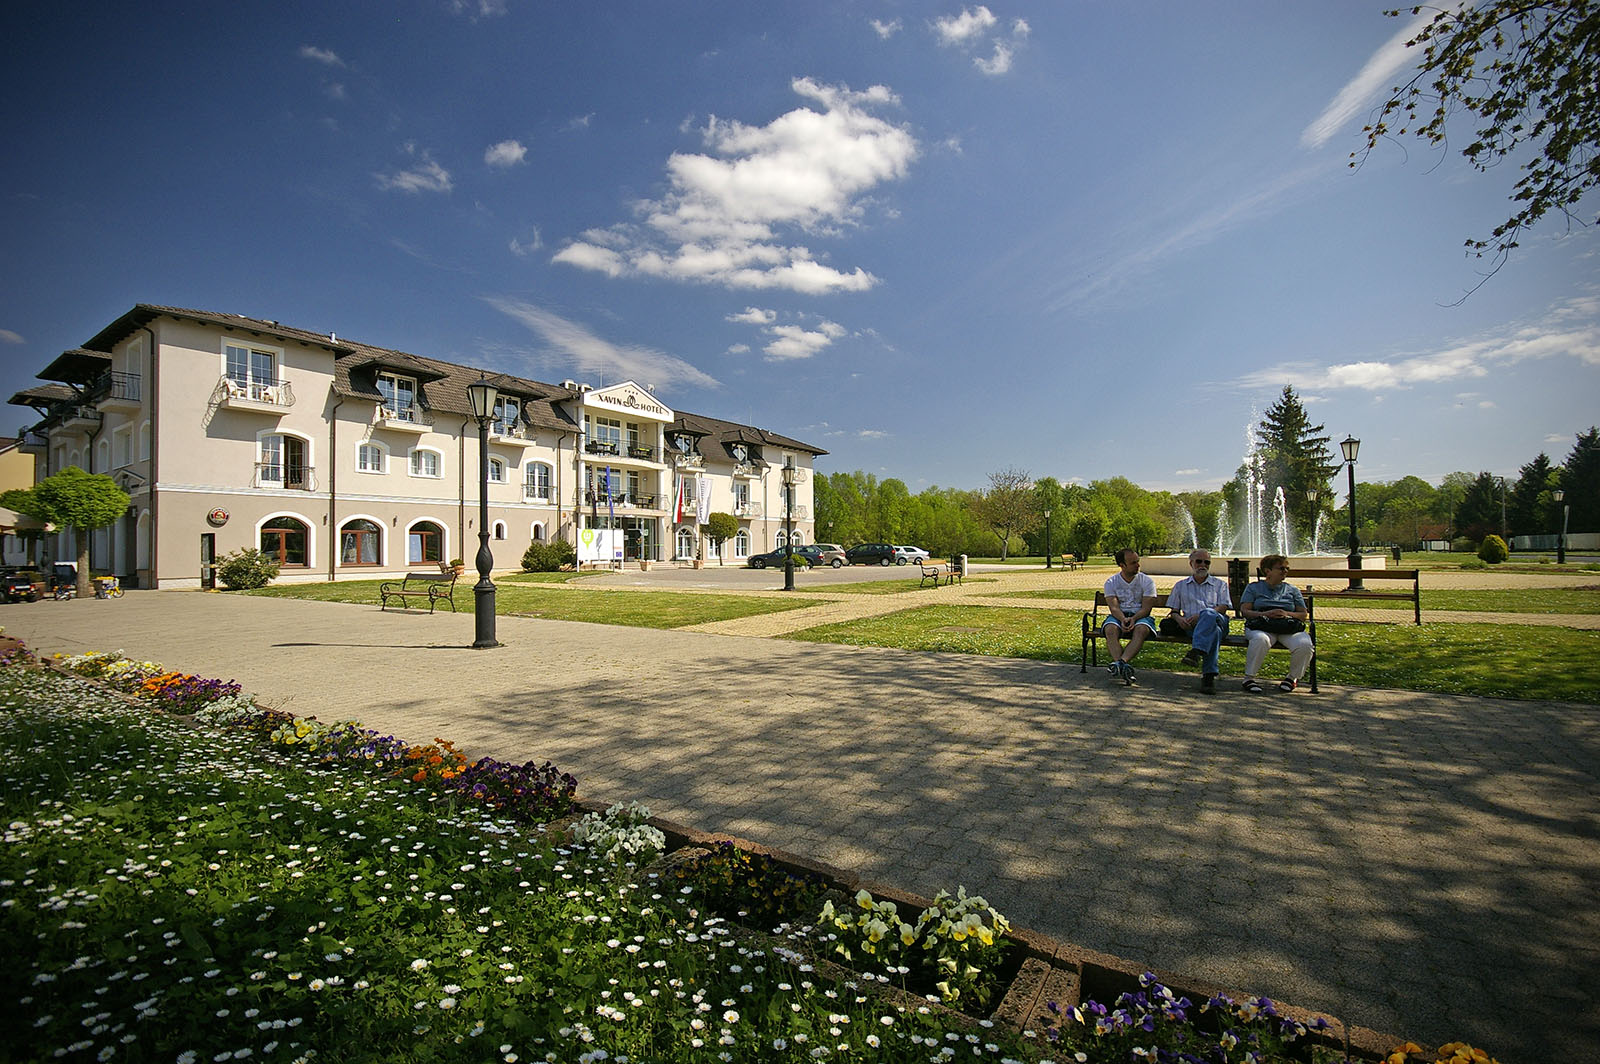 Szállodánk tavaszi hangulatban, háttérben a parkkal és a szökőkúttal illetve a parkolóval